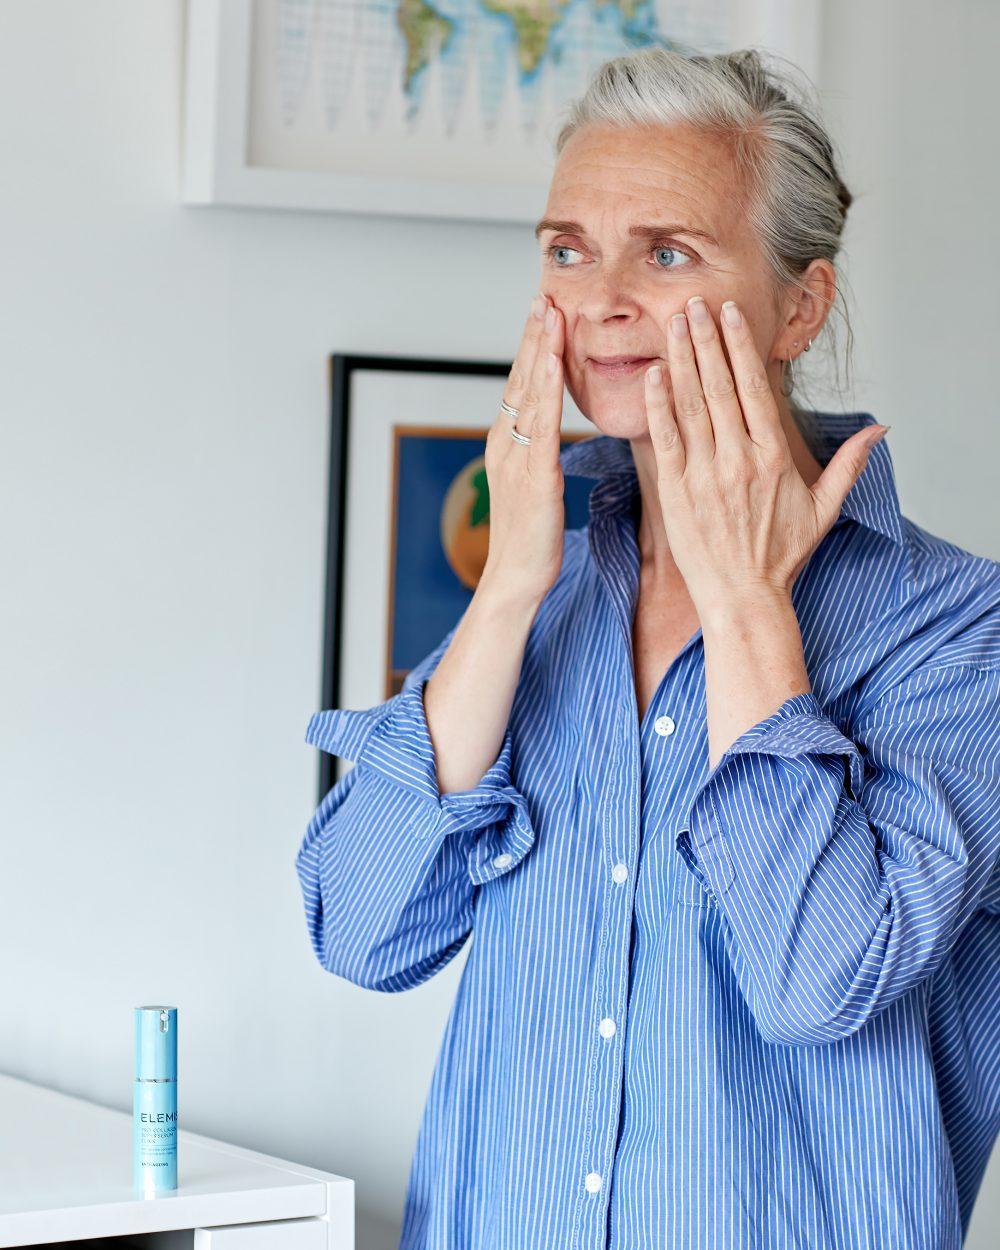 Skincare worth splurging on  – and 25% off Elemis